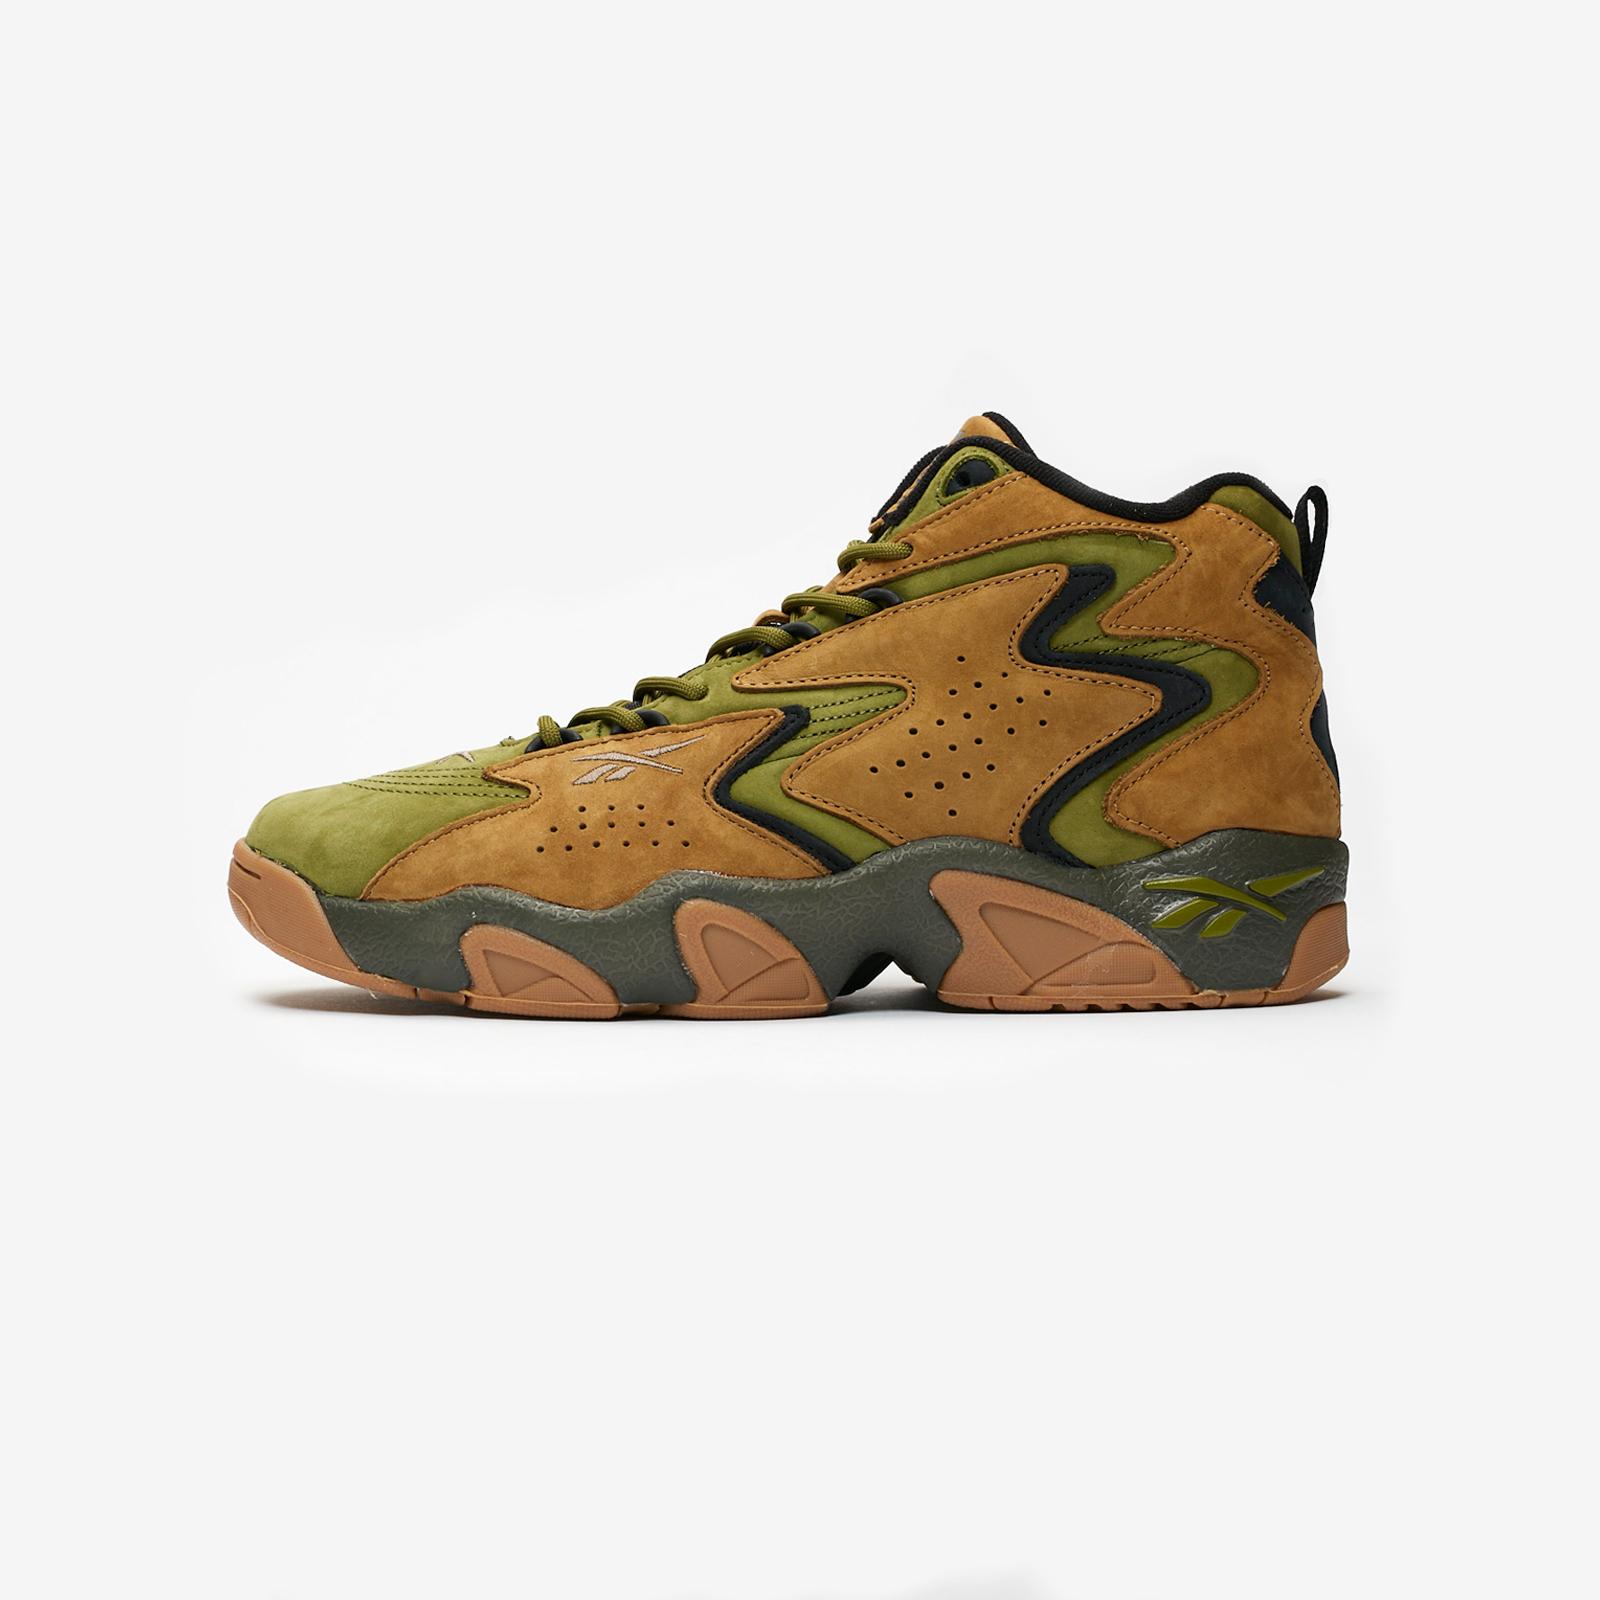 8a57d97455 Reebok Atmos x Fly Mobius - Dv8496 - Sneakersnstuff   sneakers ...